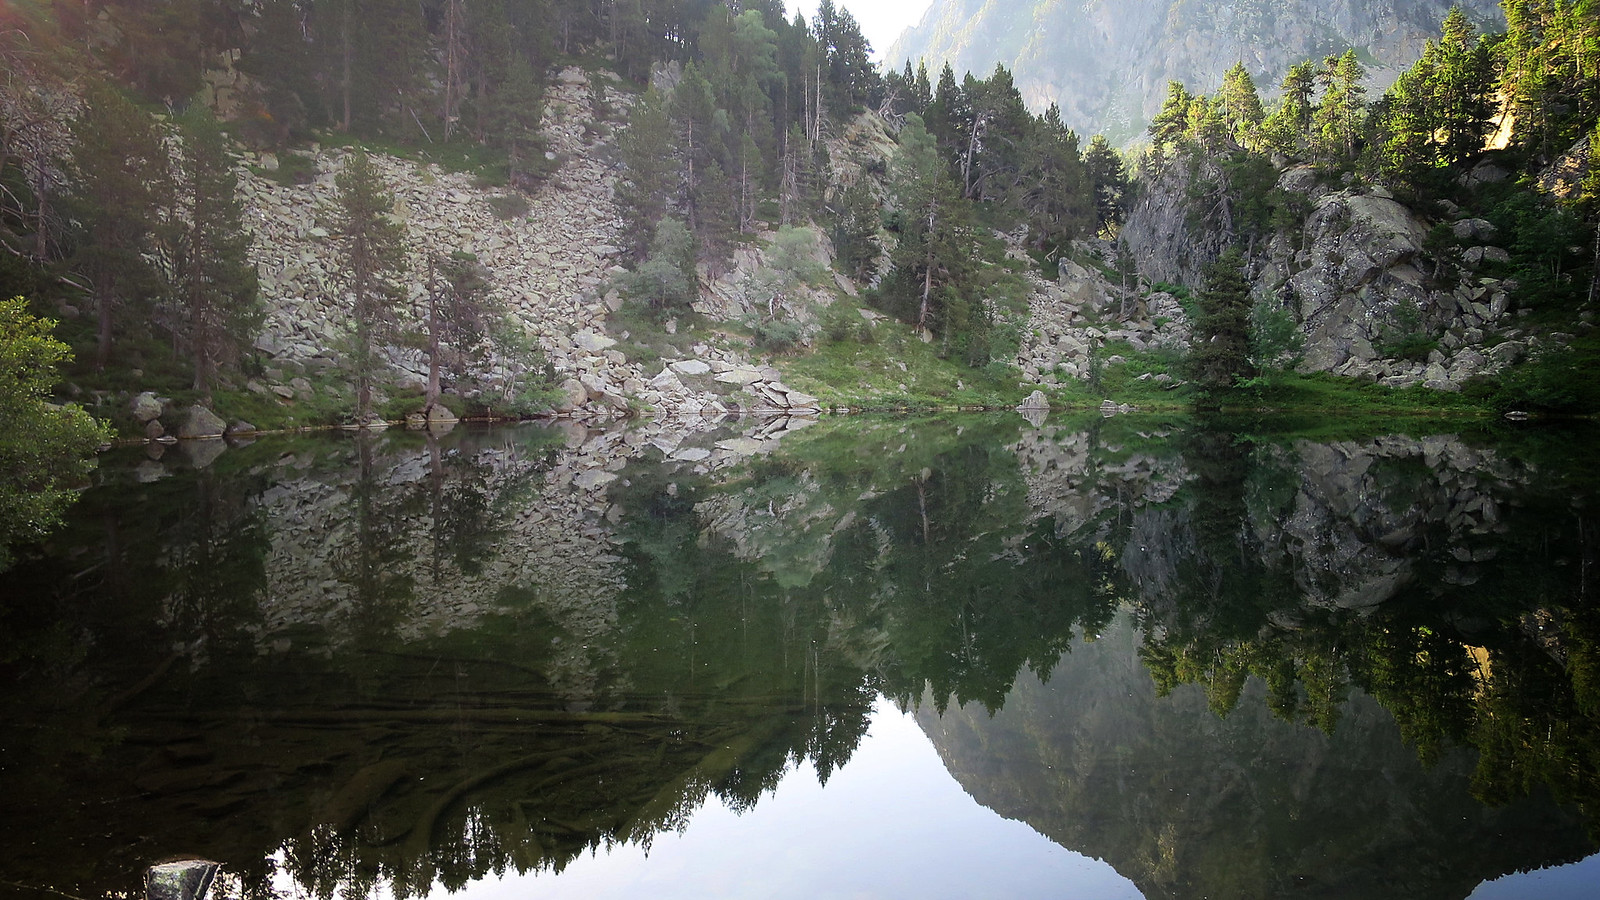 Aigüestortes: Bonaigua - Estany de Gerber - Pic d'Amitges - Pic de Saboredo - Vall de Ruda